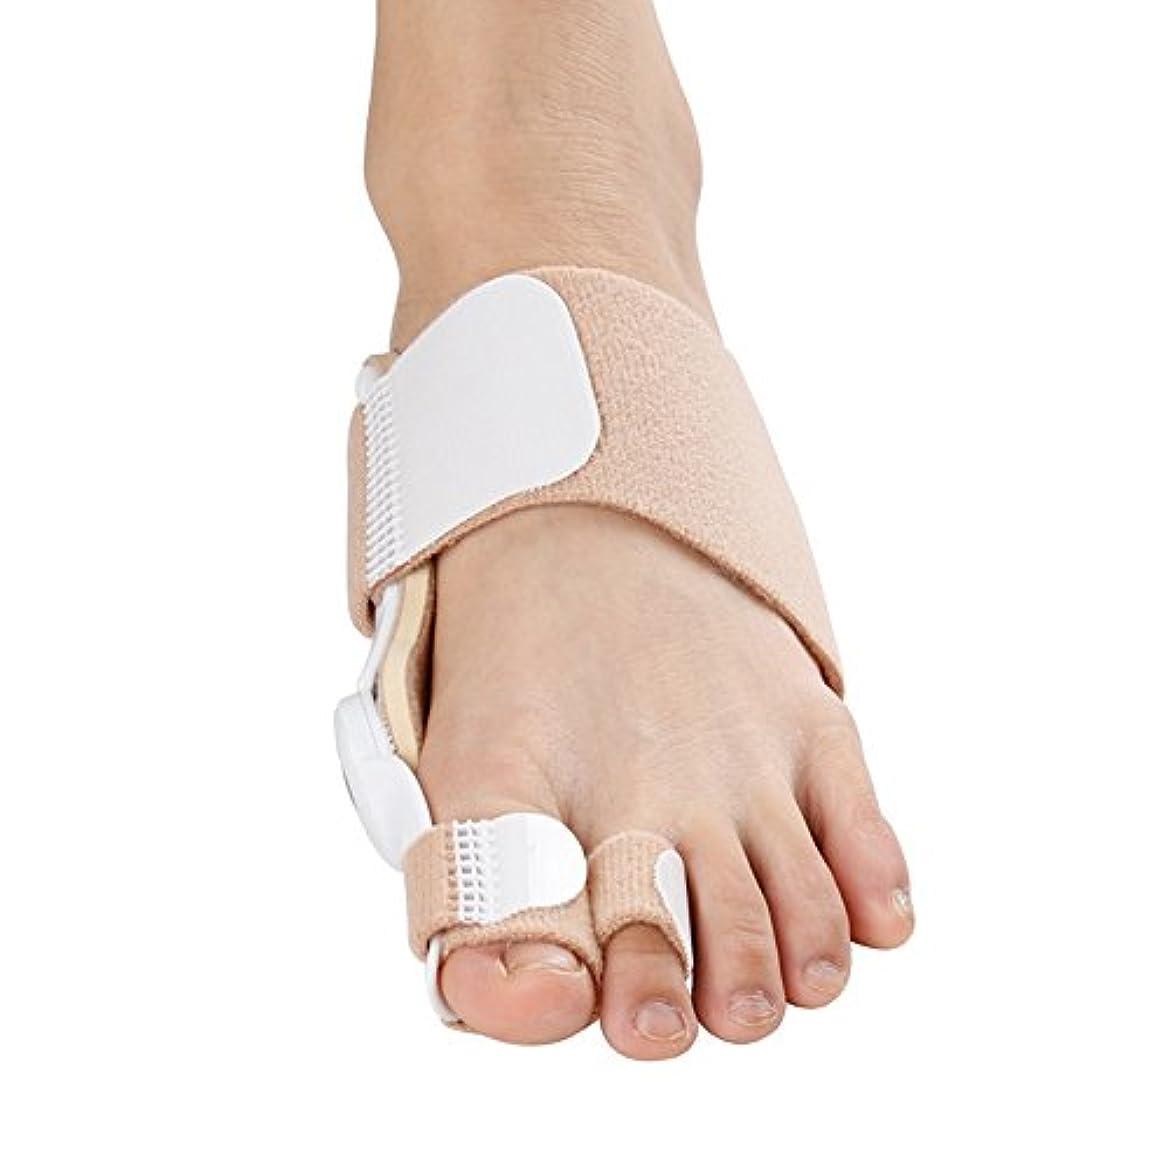 予感約束するアルミニウム1組のつま先の分離帯の坐骨矯正装置最新の強化された外反母趾矯正整形つま先痛み足のケア